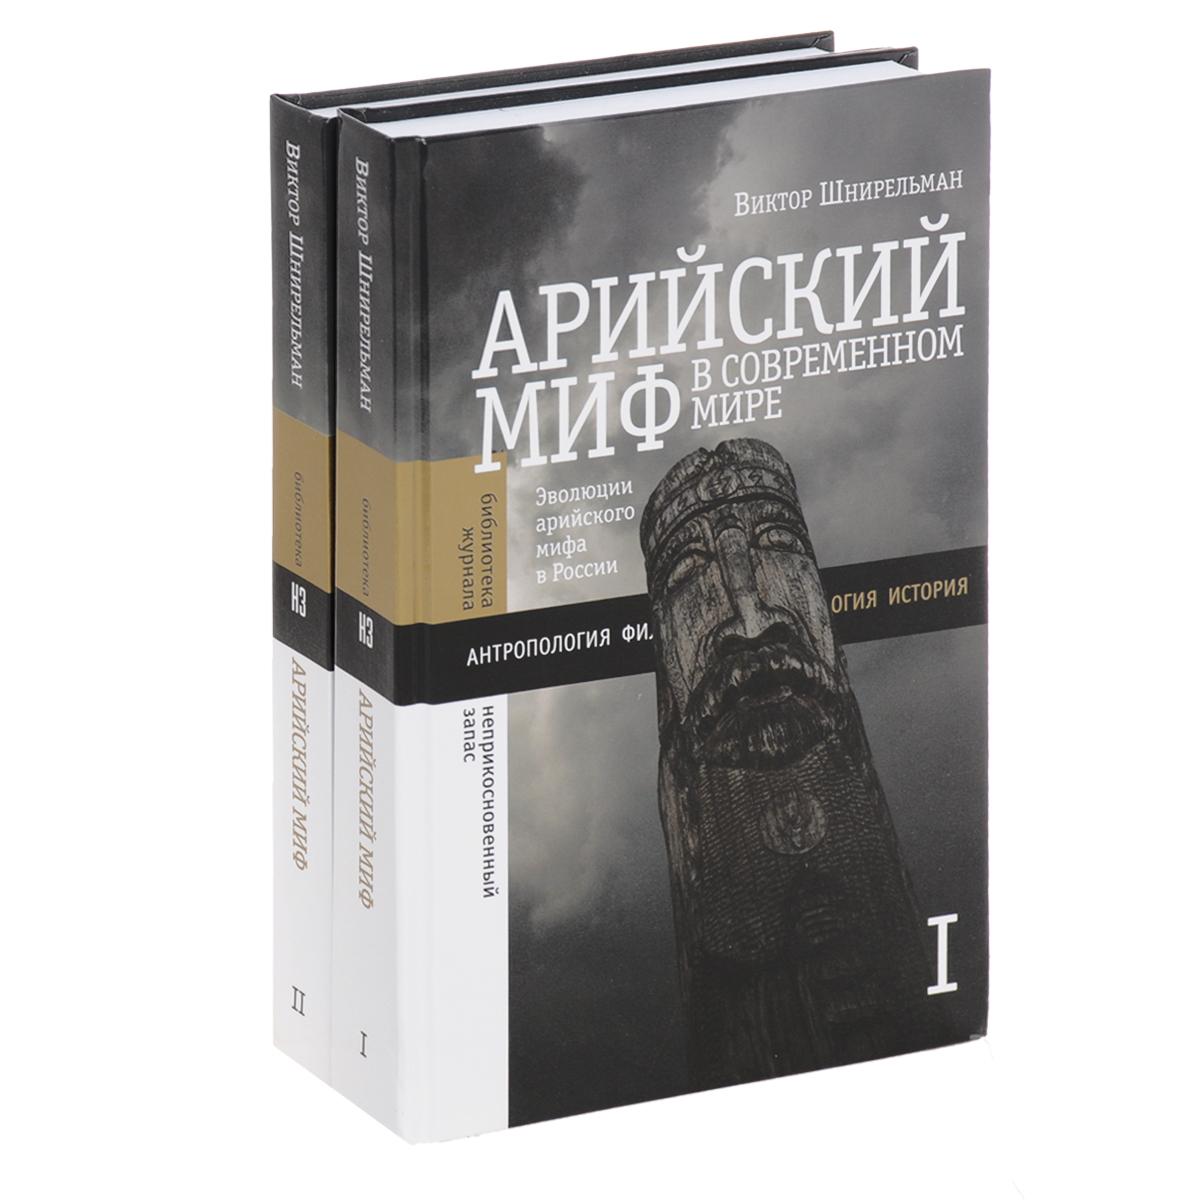 Арийский миф в современном мире. В 2 томах (комплект)